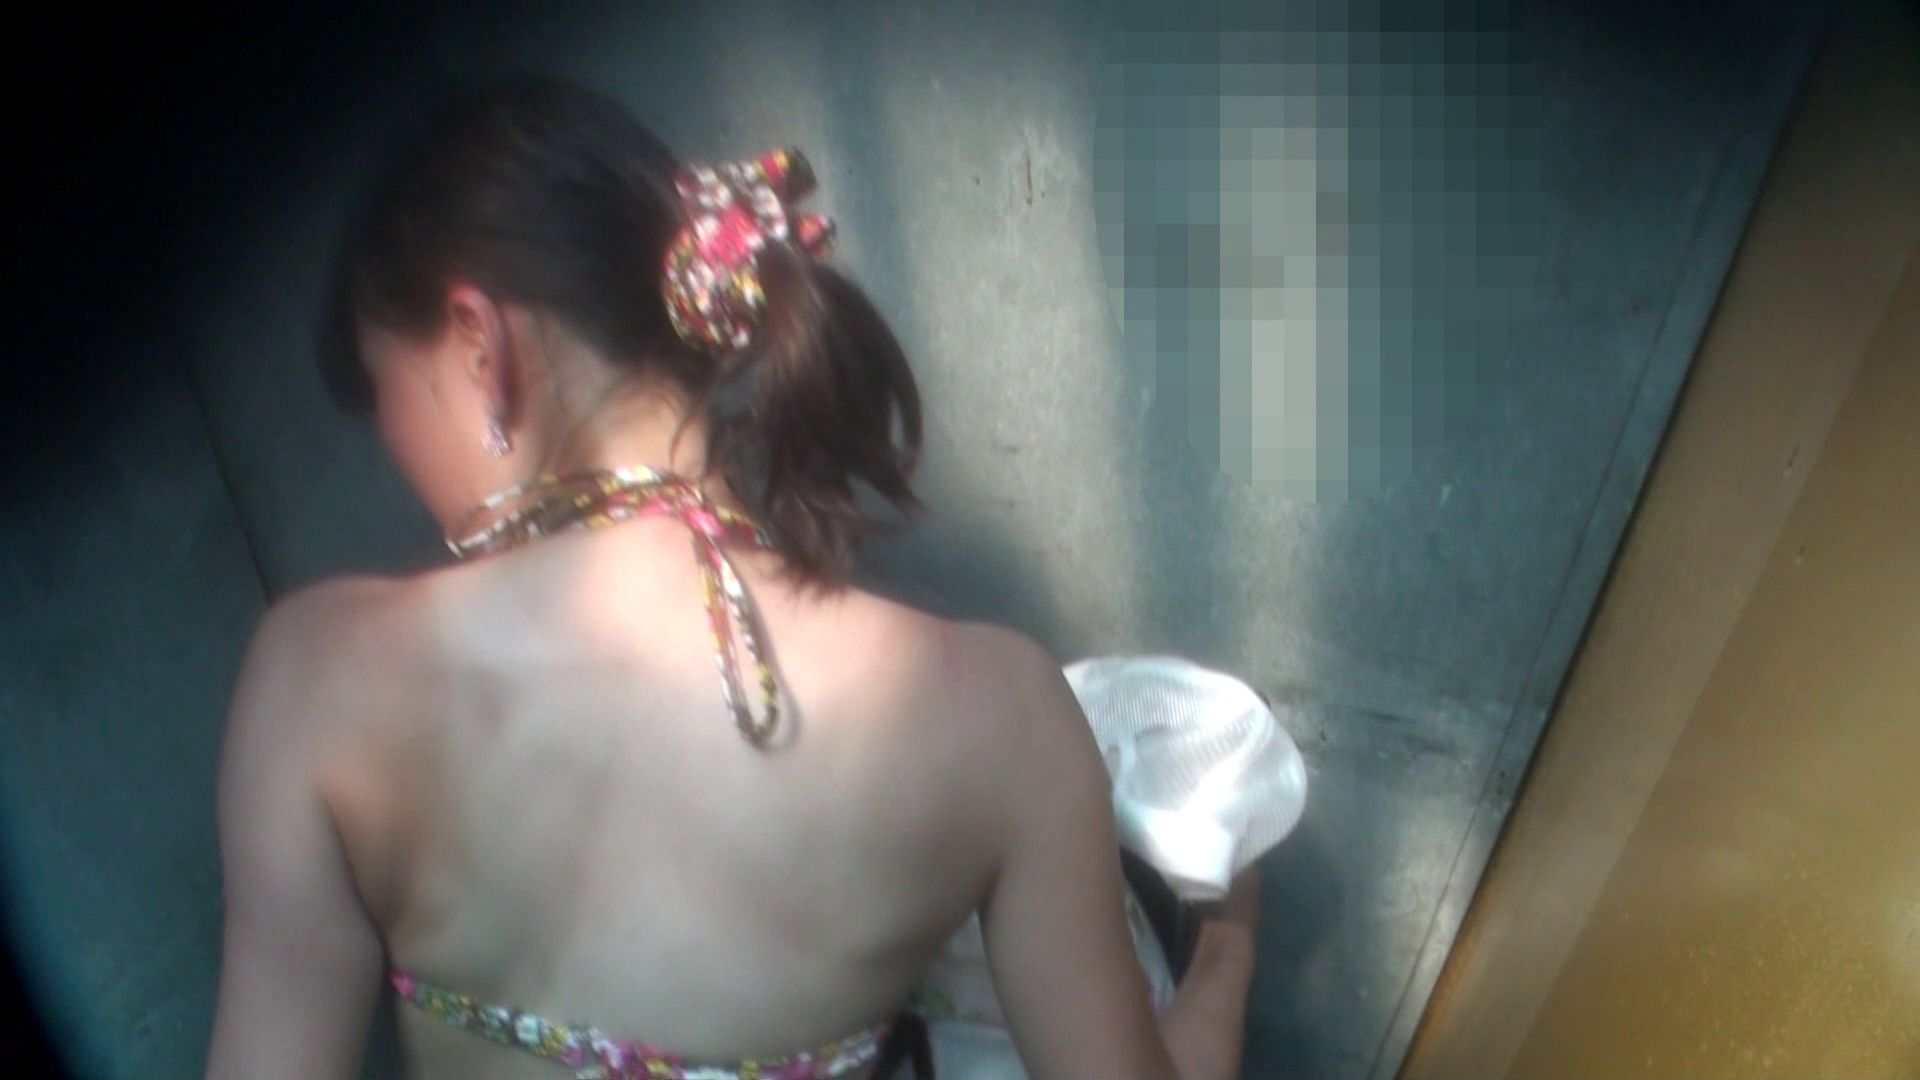 シャワールームは超!!危険な香りVol.16 意外に乳首は年増のそれ 乳首 おめこ無修正画像 97pic 16